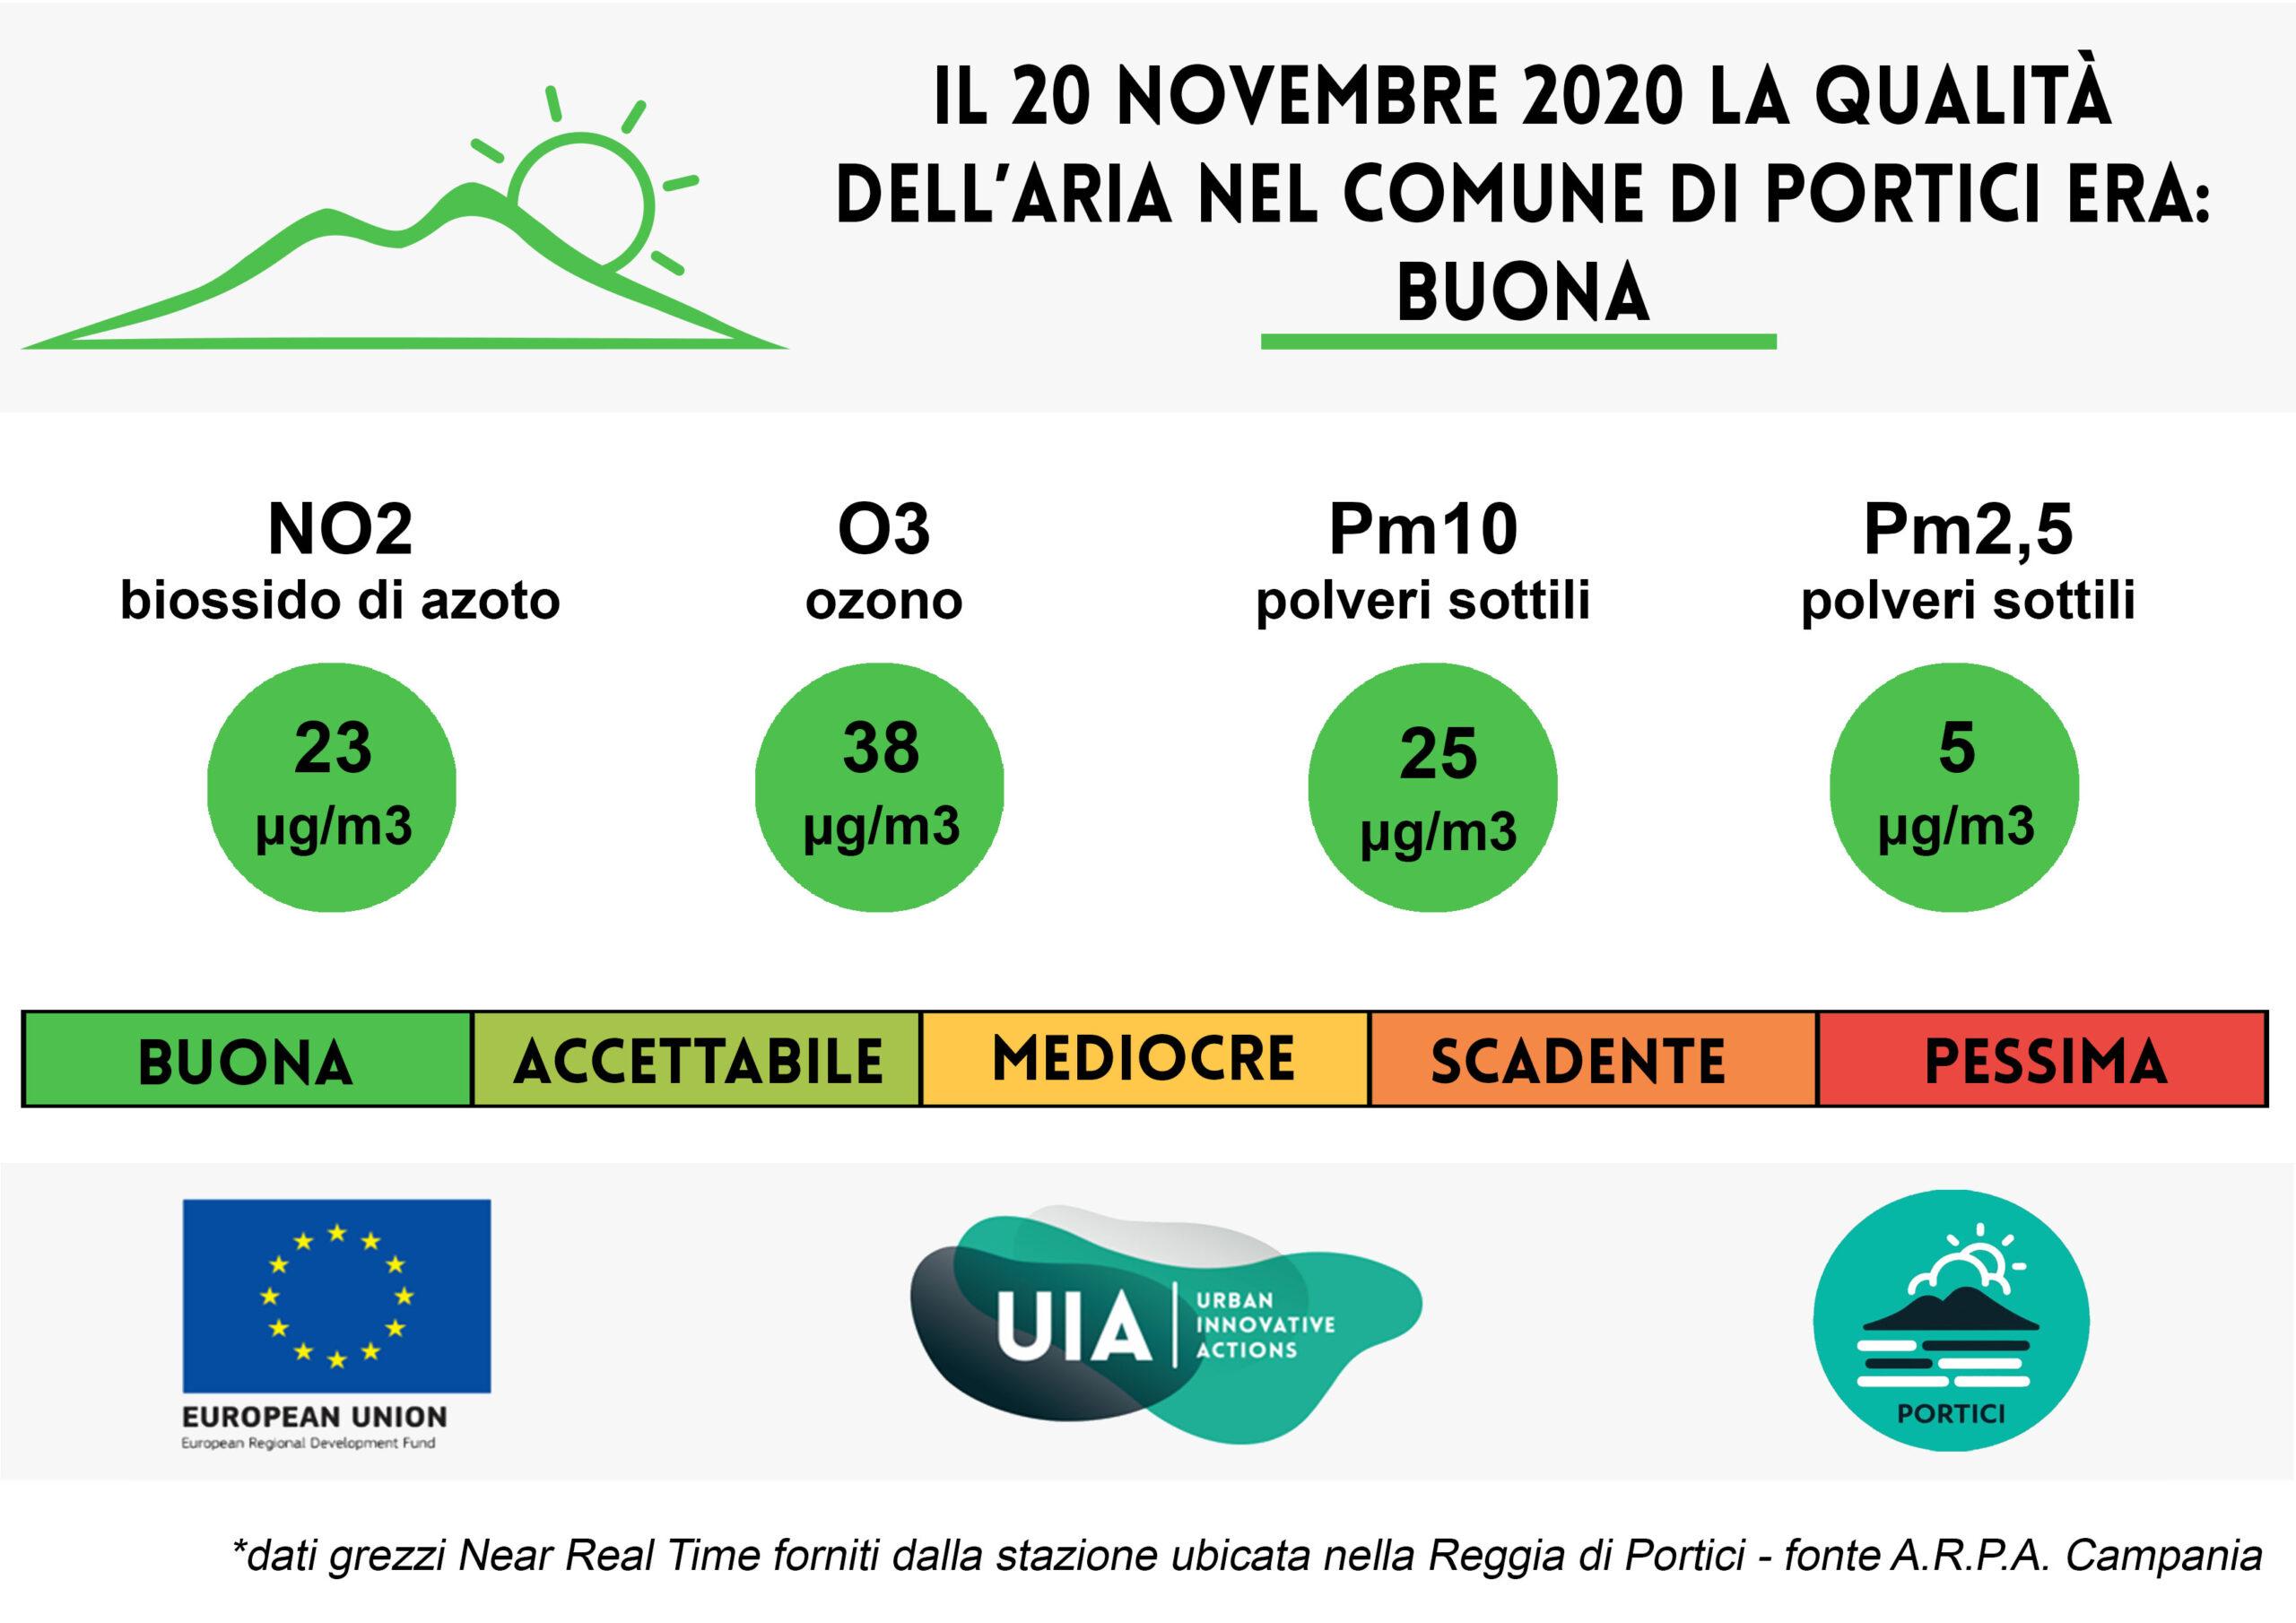 Bollettino del 20 novembre 2020